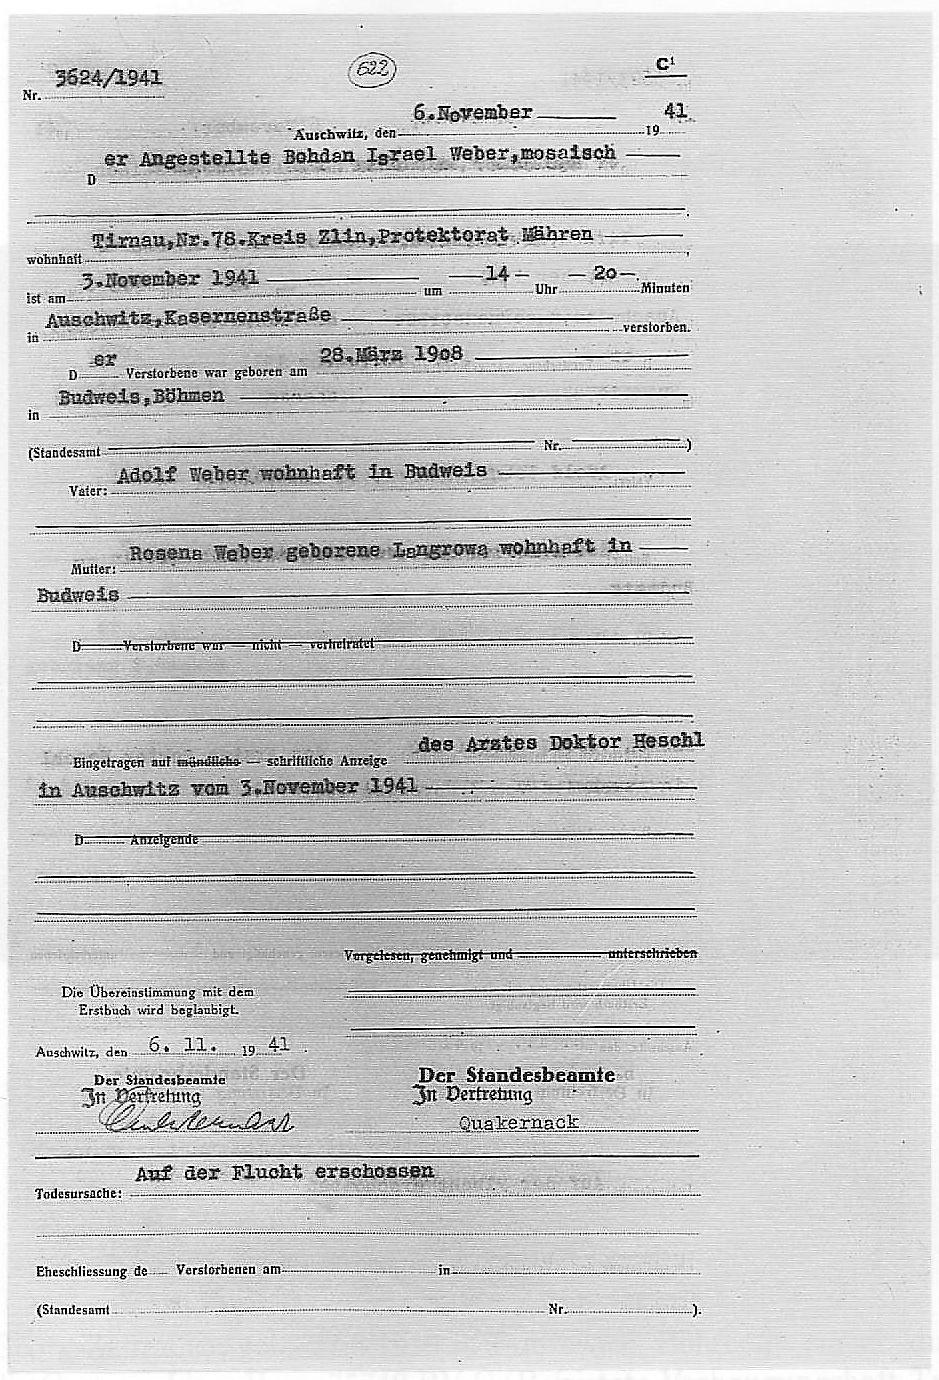 Úmrtní list Bohdana Webera — zastřelen na útěku (Auschwitz, 6.11.1941, auf dem Flucht erschossen)